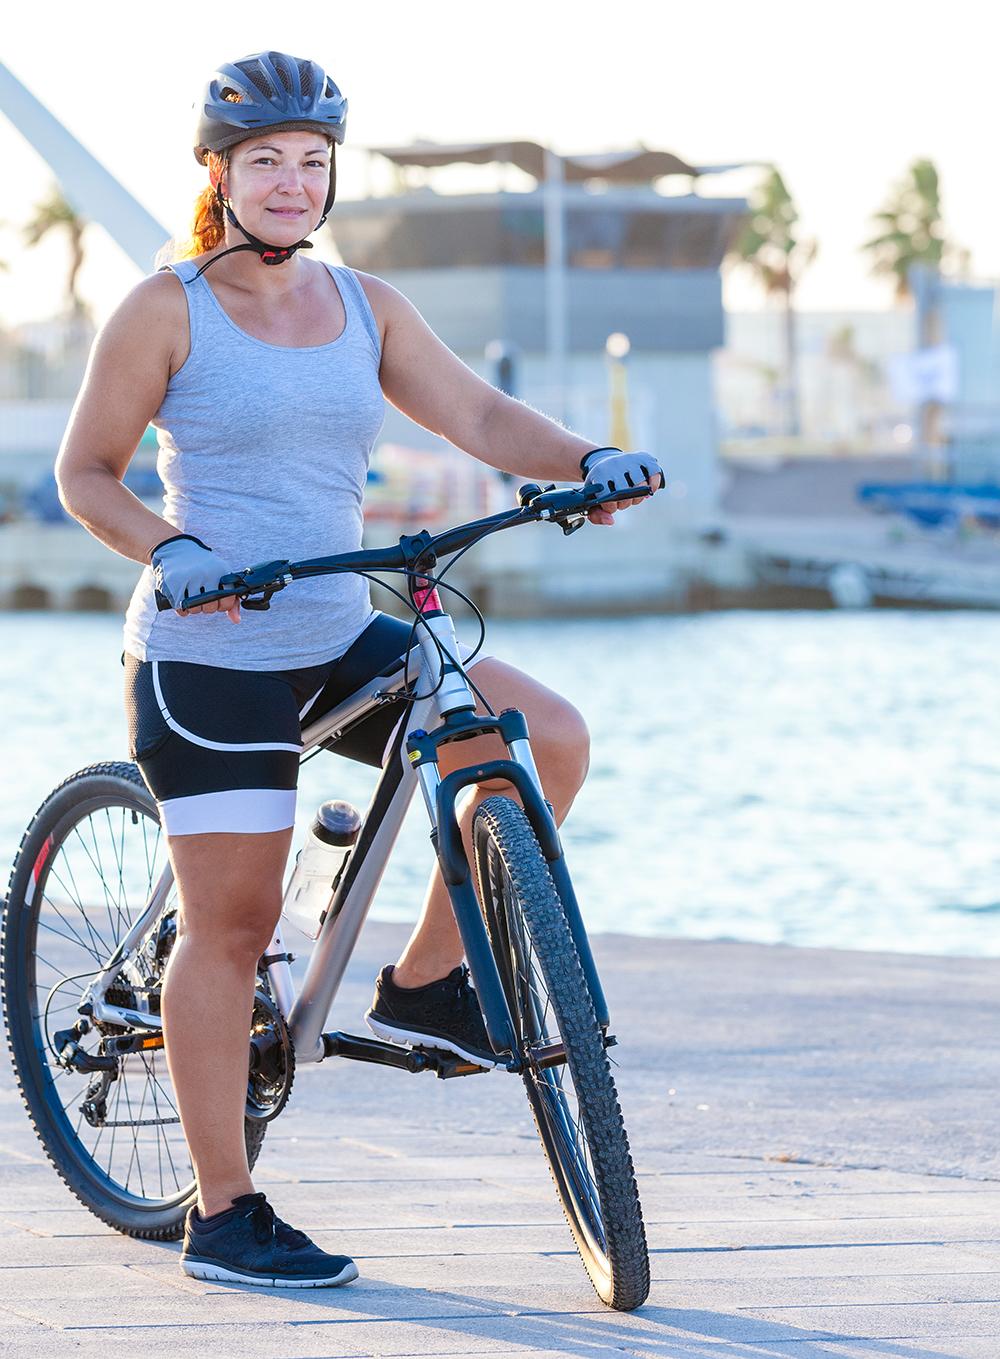 Grau in sportlichem Outfit sitzt auf einem Fahrrad und trägt einen Fahrradhelm